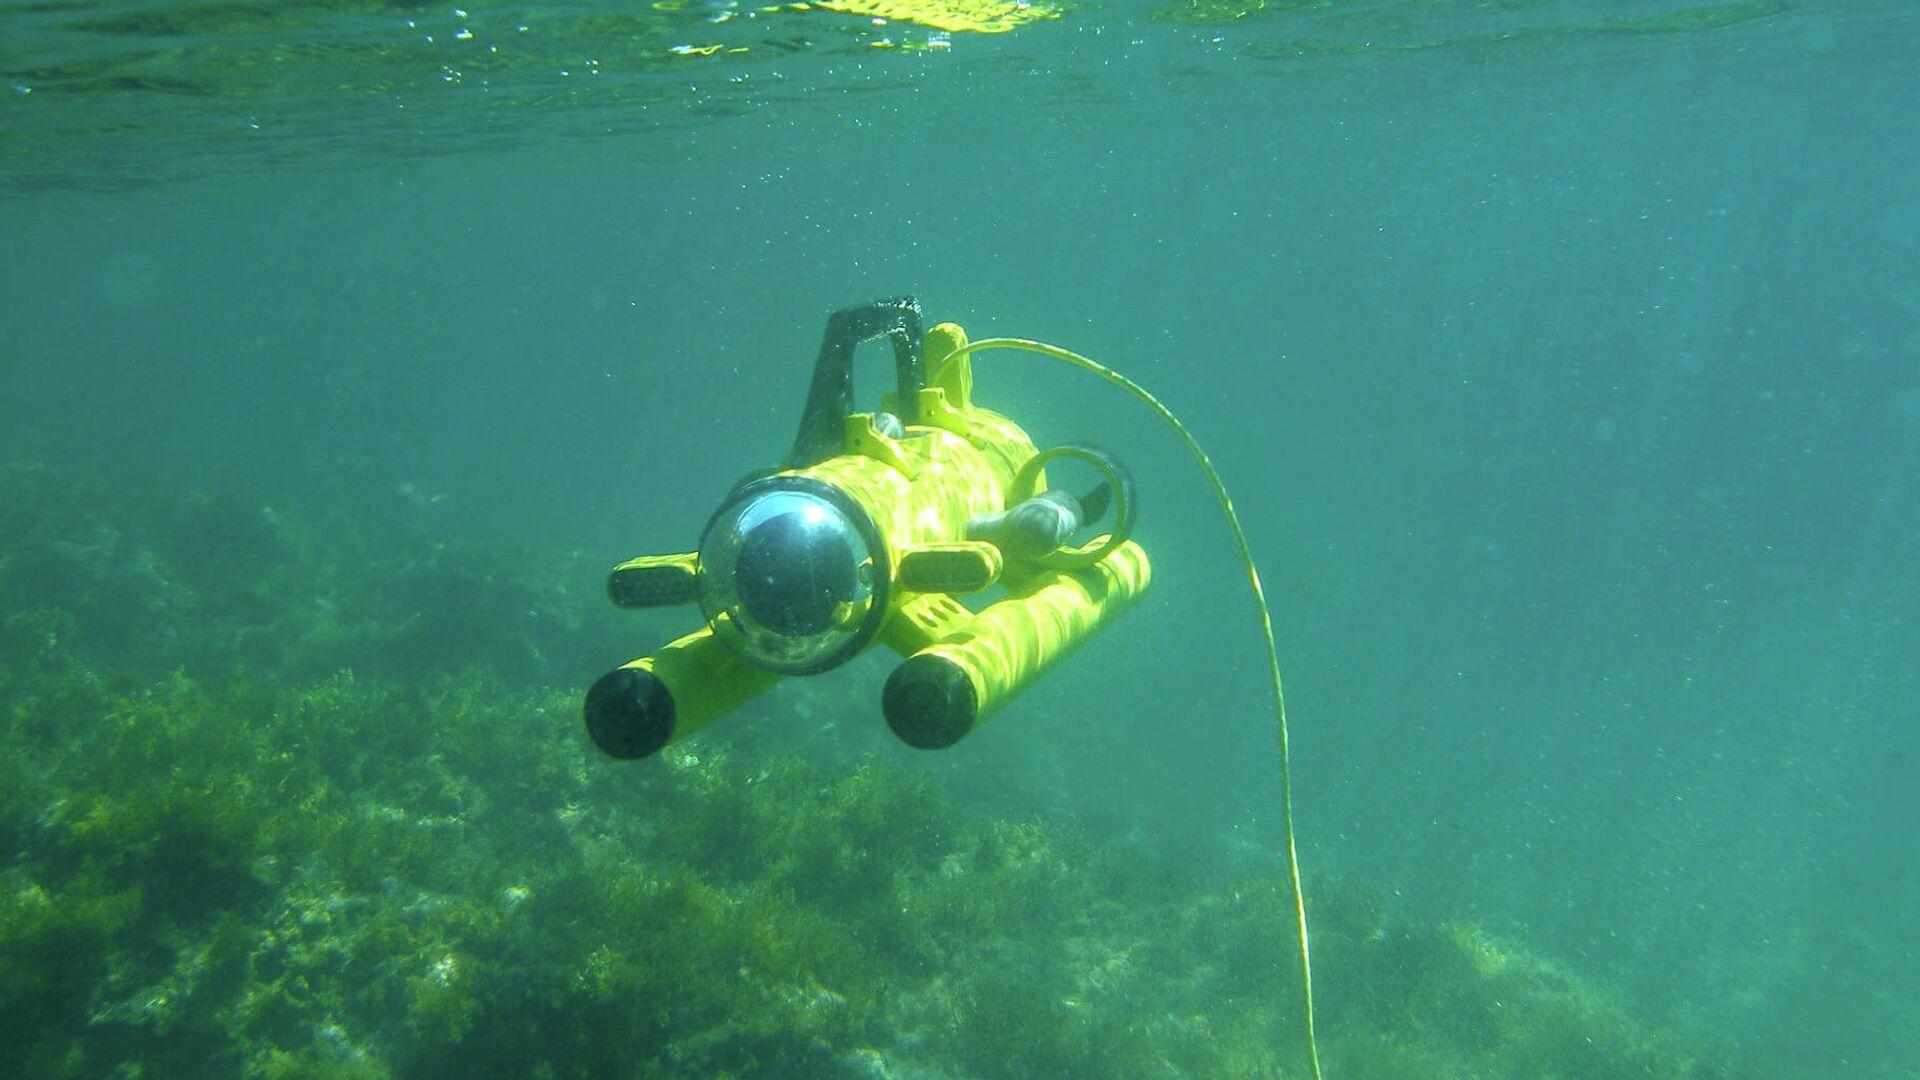 Роботы исследуют дно Черного моря у побережья Грузии - Sputnik Грузия, 1920, 02.09.2021